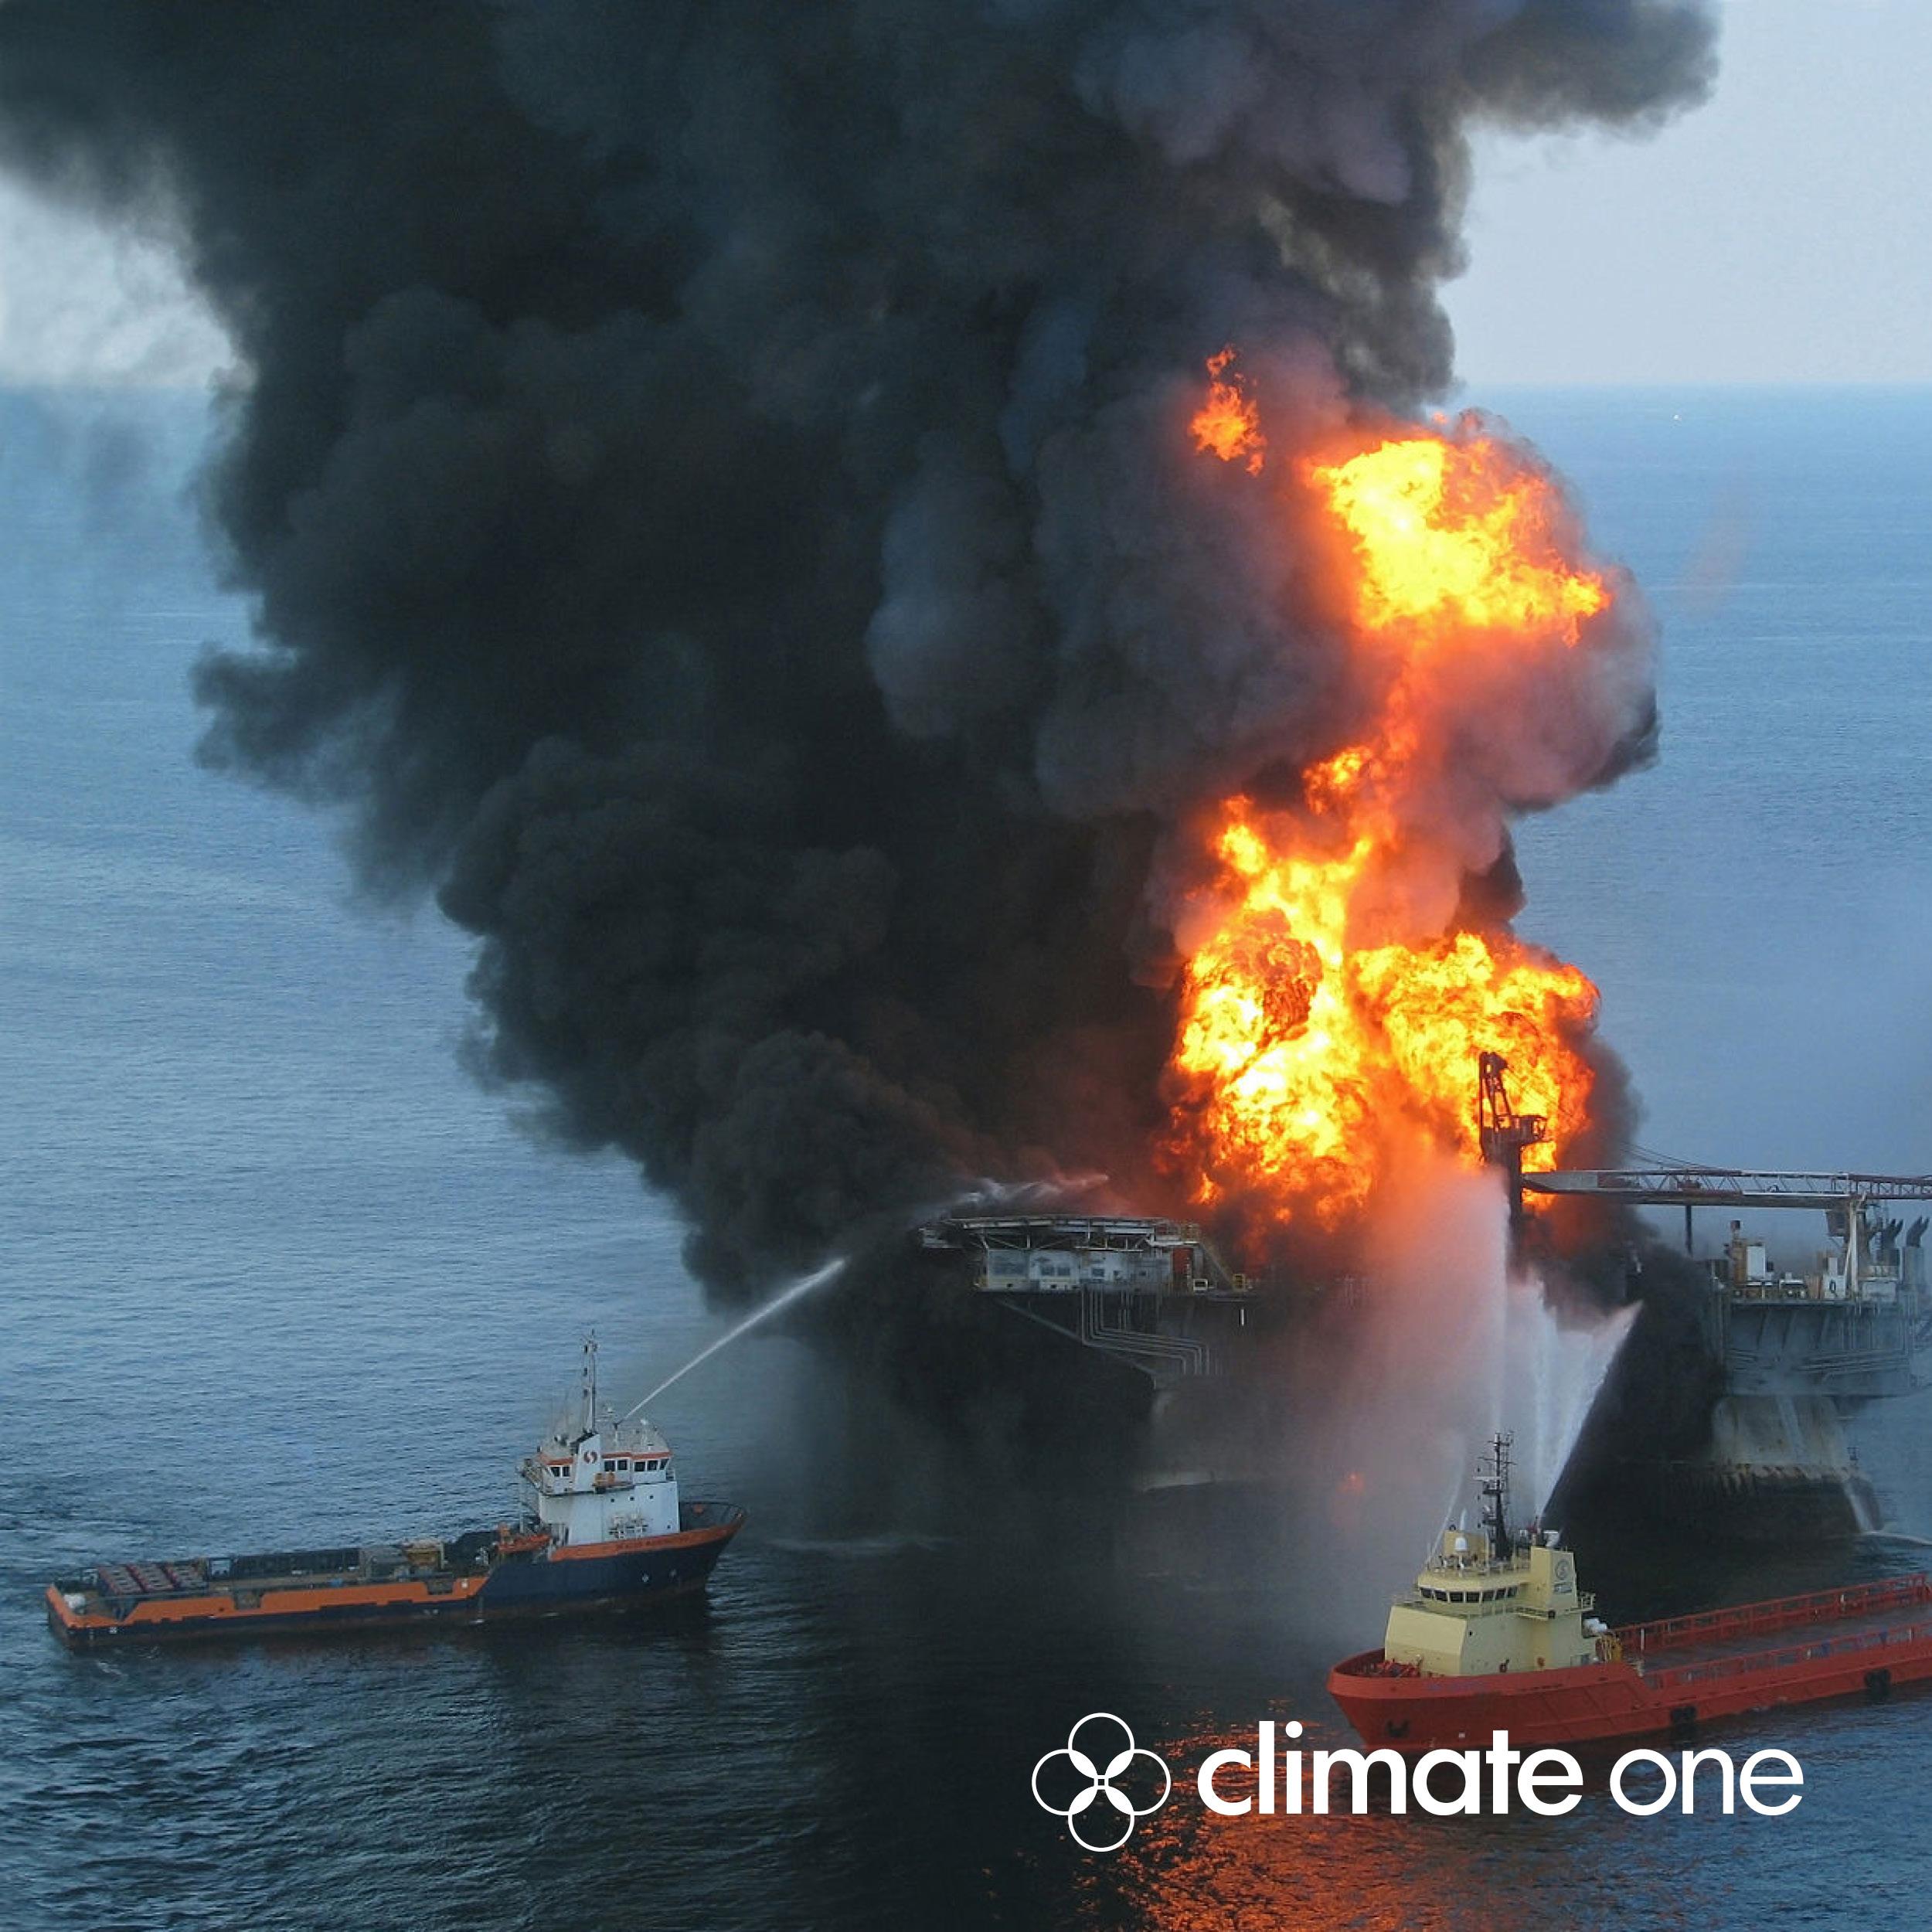 Prx-a_decade_of_oil_small